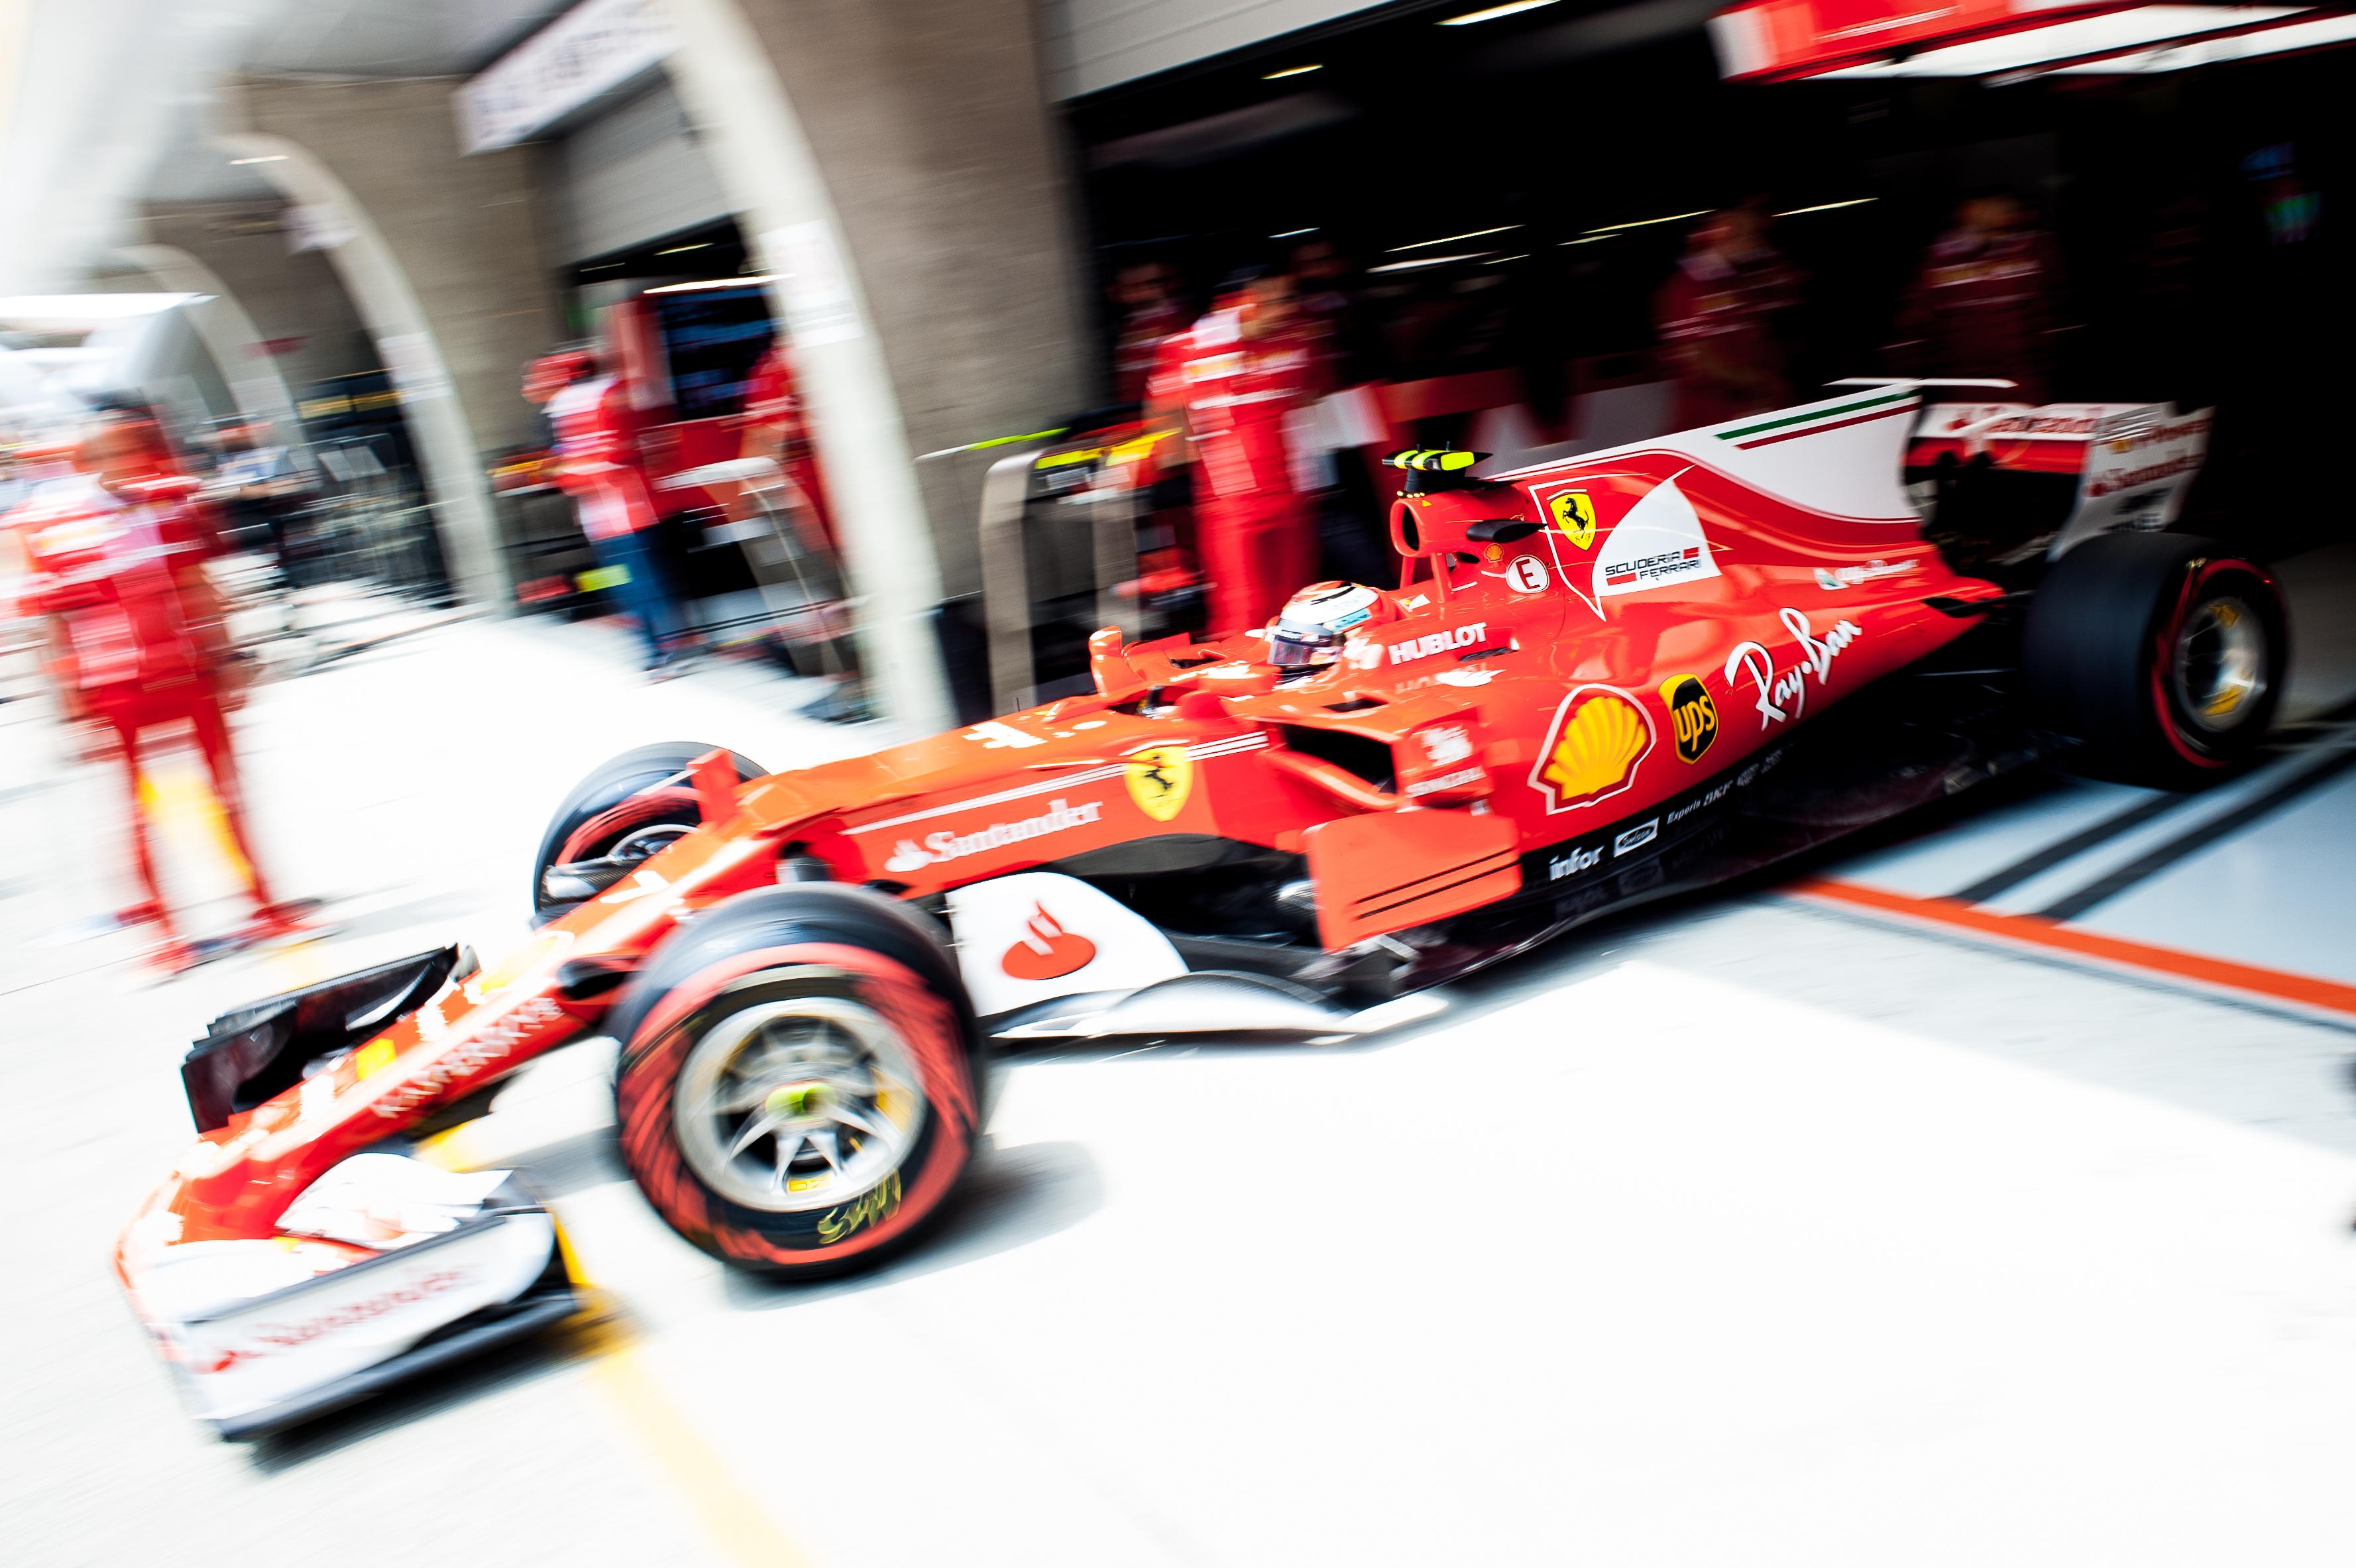 Ferrari Presenteert Nieuwe F1 Auto Eind Februari Numrush